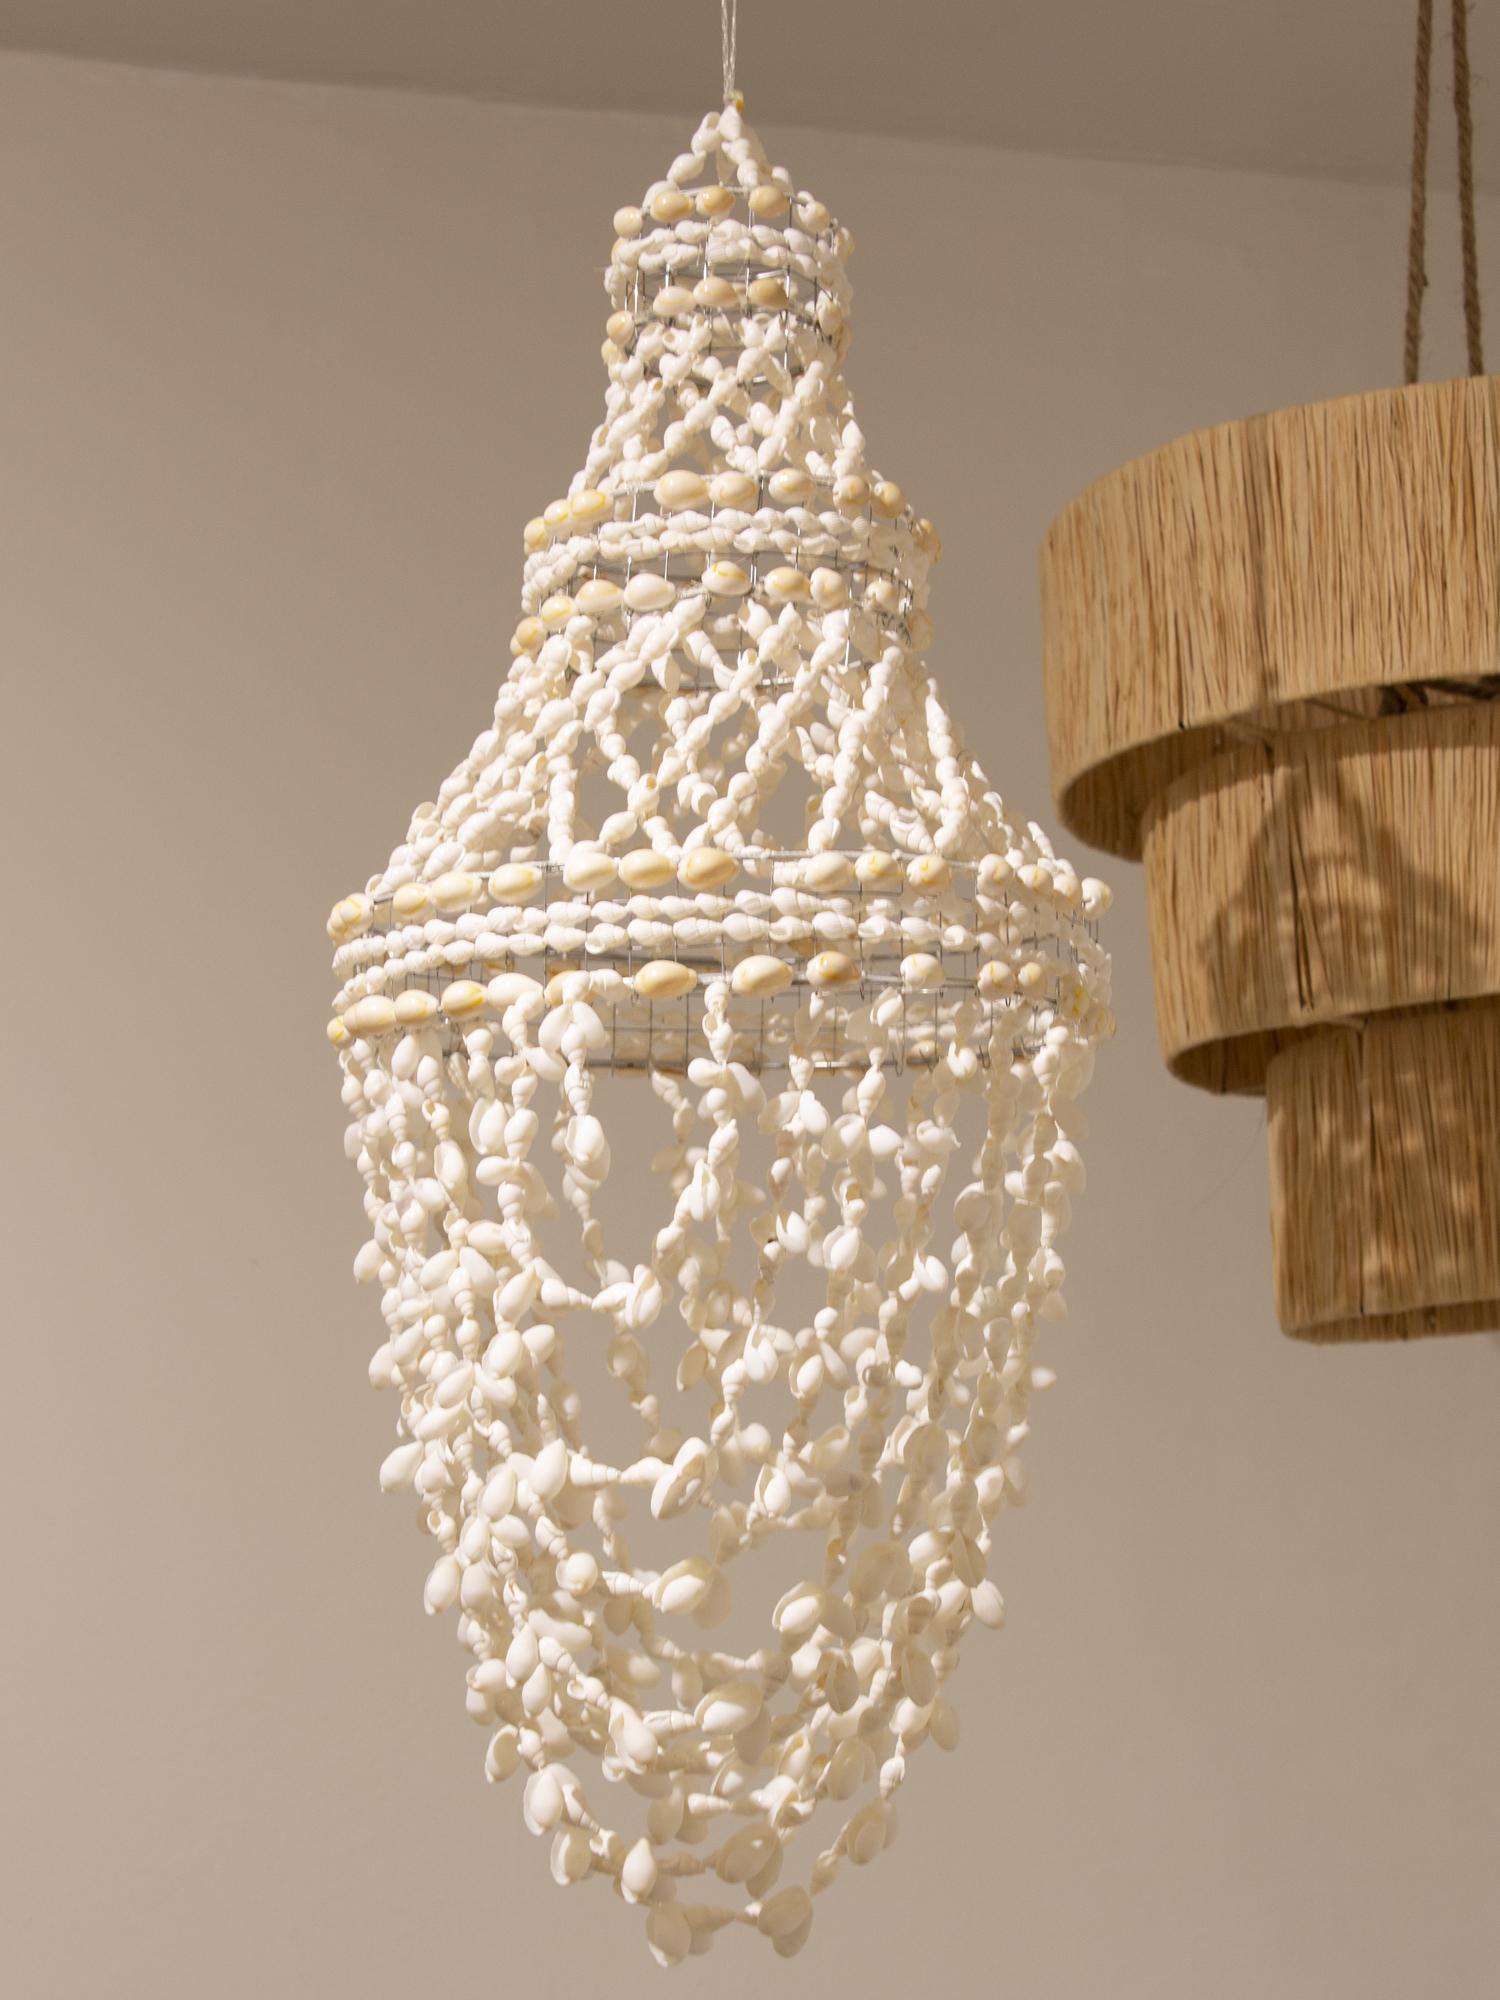 Lámpara de suspensión hecha con conchas. También se puede utilizar como una pieza decorativa. Este producto no incluye sistema eléctrico.